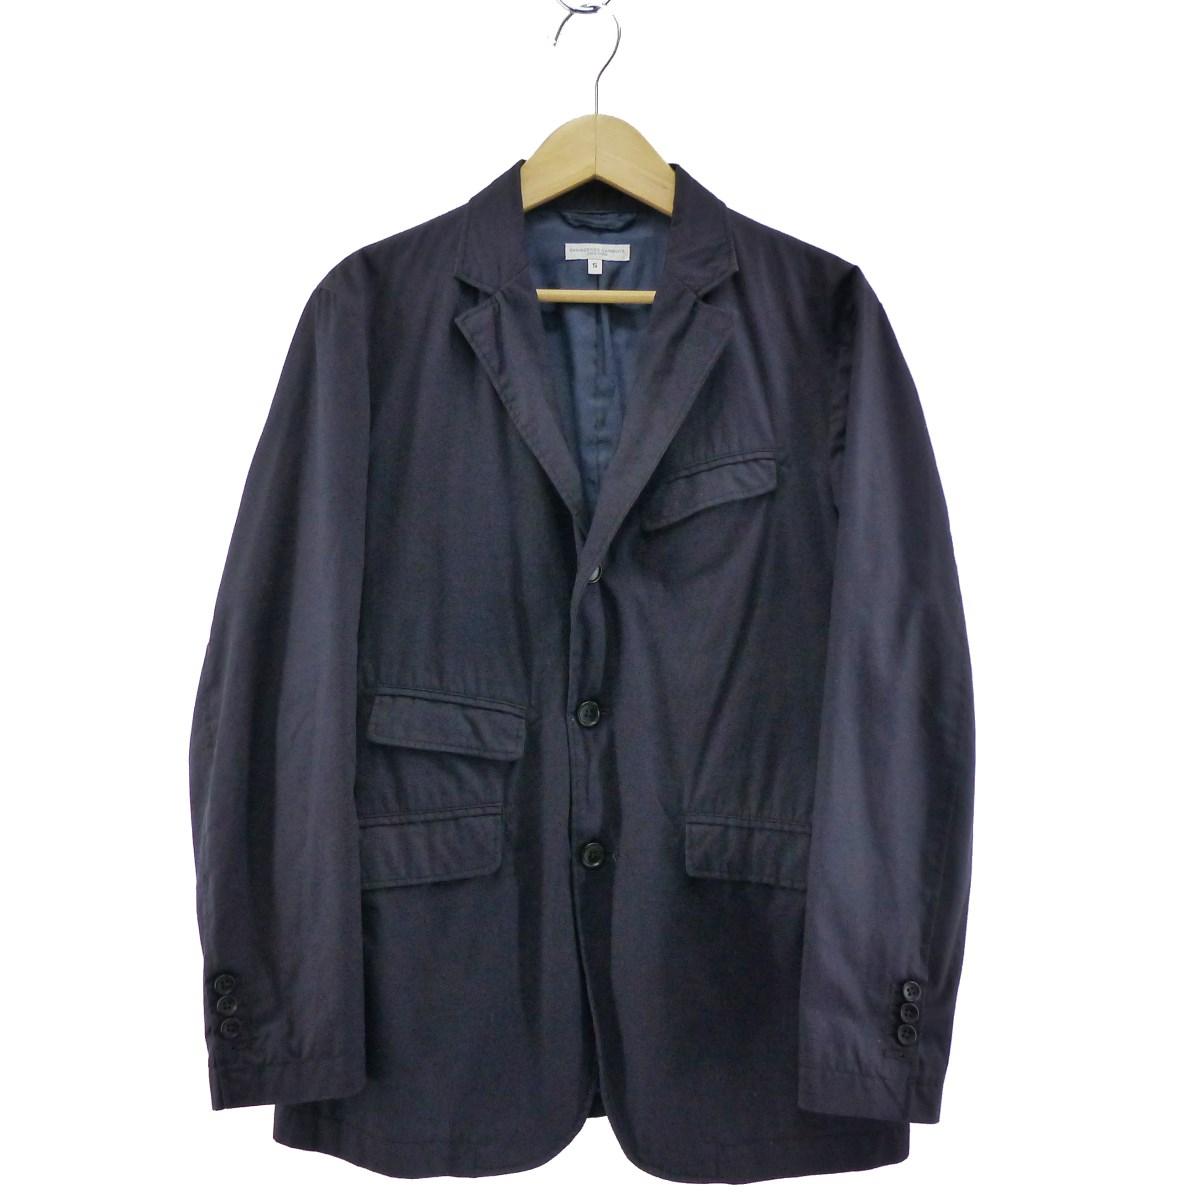 【中古】Engineered GarmentsHigh Count Twill Andover Jacket ネイビー サイズ:S 【5月11日見直し】